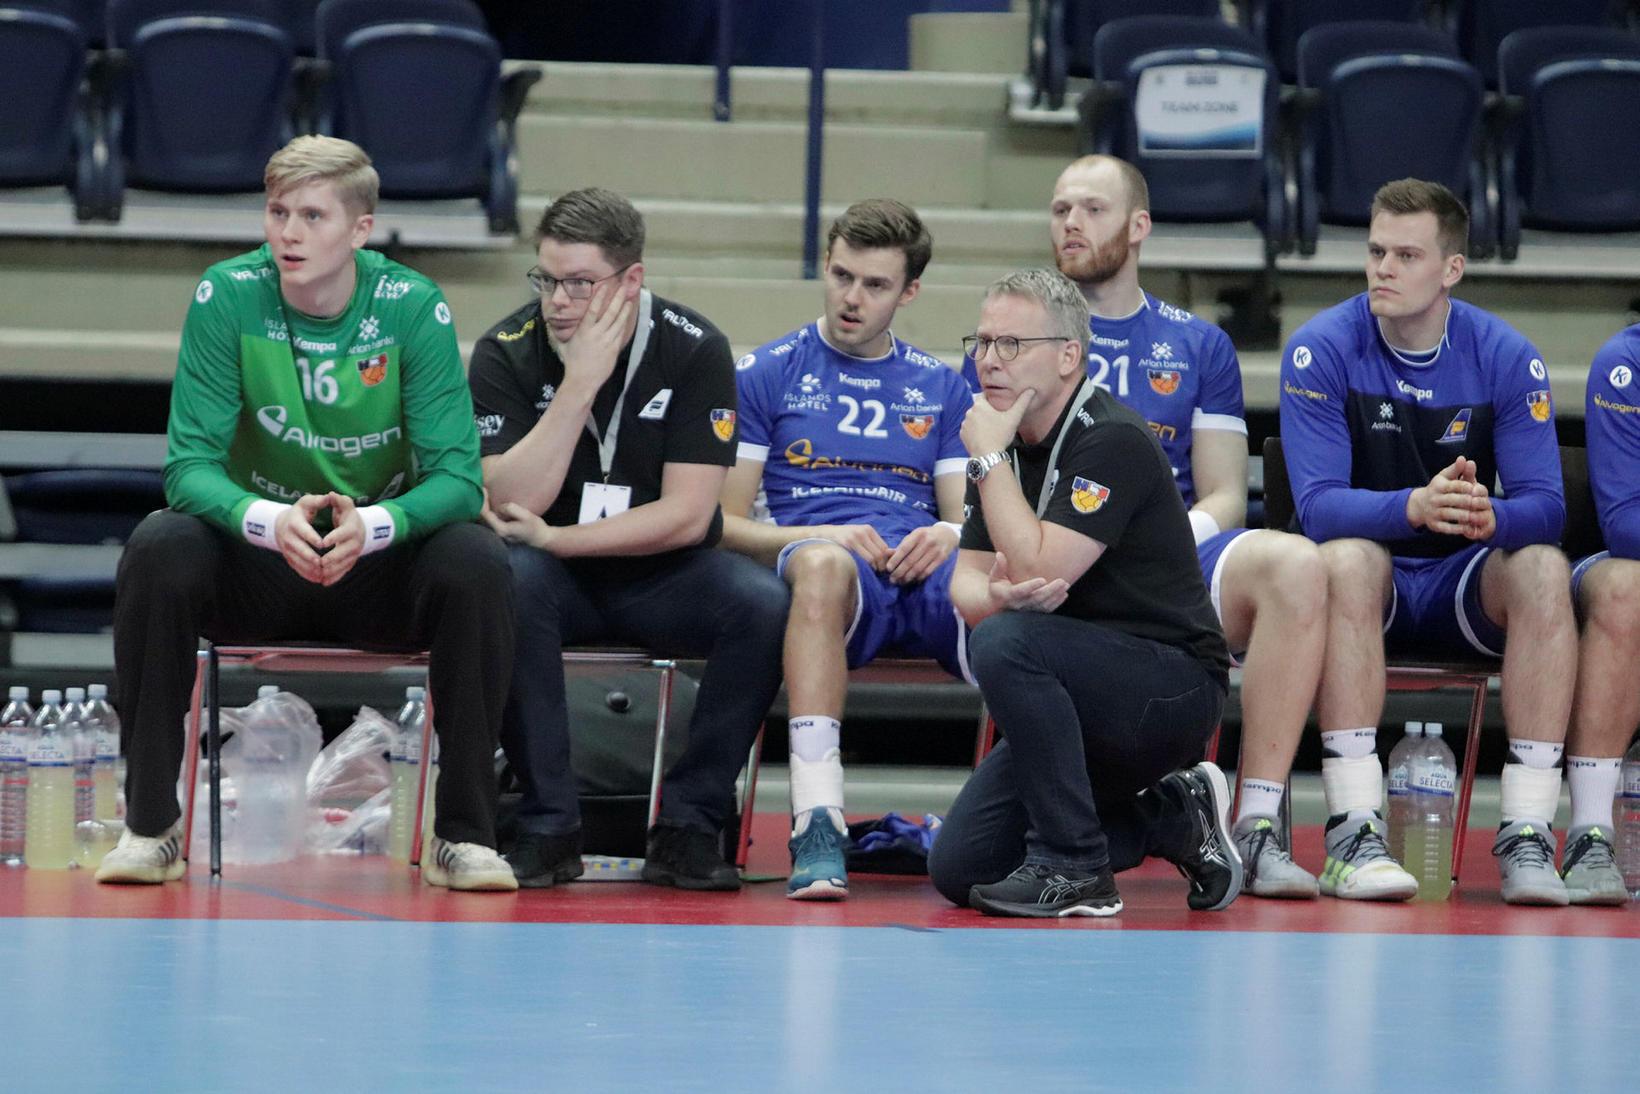 Viktor Gísli, Gunnar Magnússon, Sigvaldi Björn, Guðmundur Guðmundsson, Arnar Freyr …